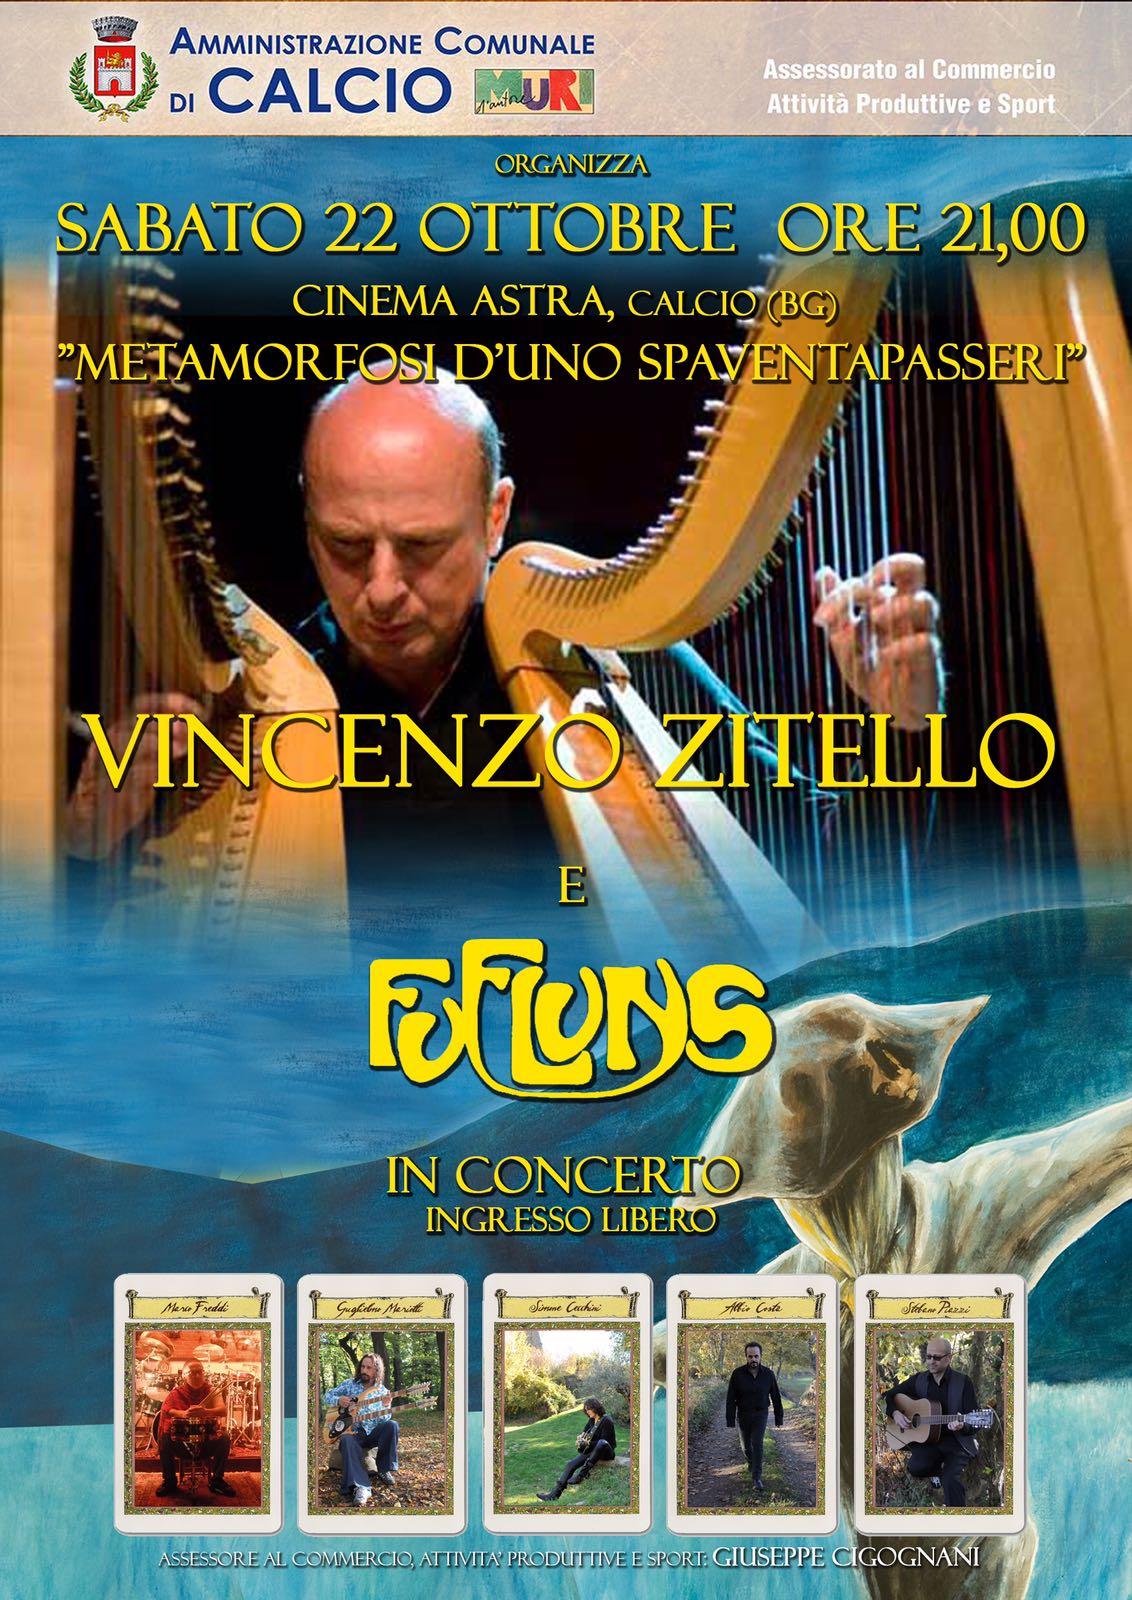 Calcio, concerto di Vincenzo Zitello